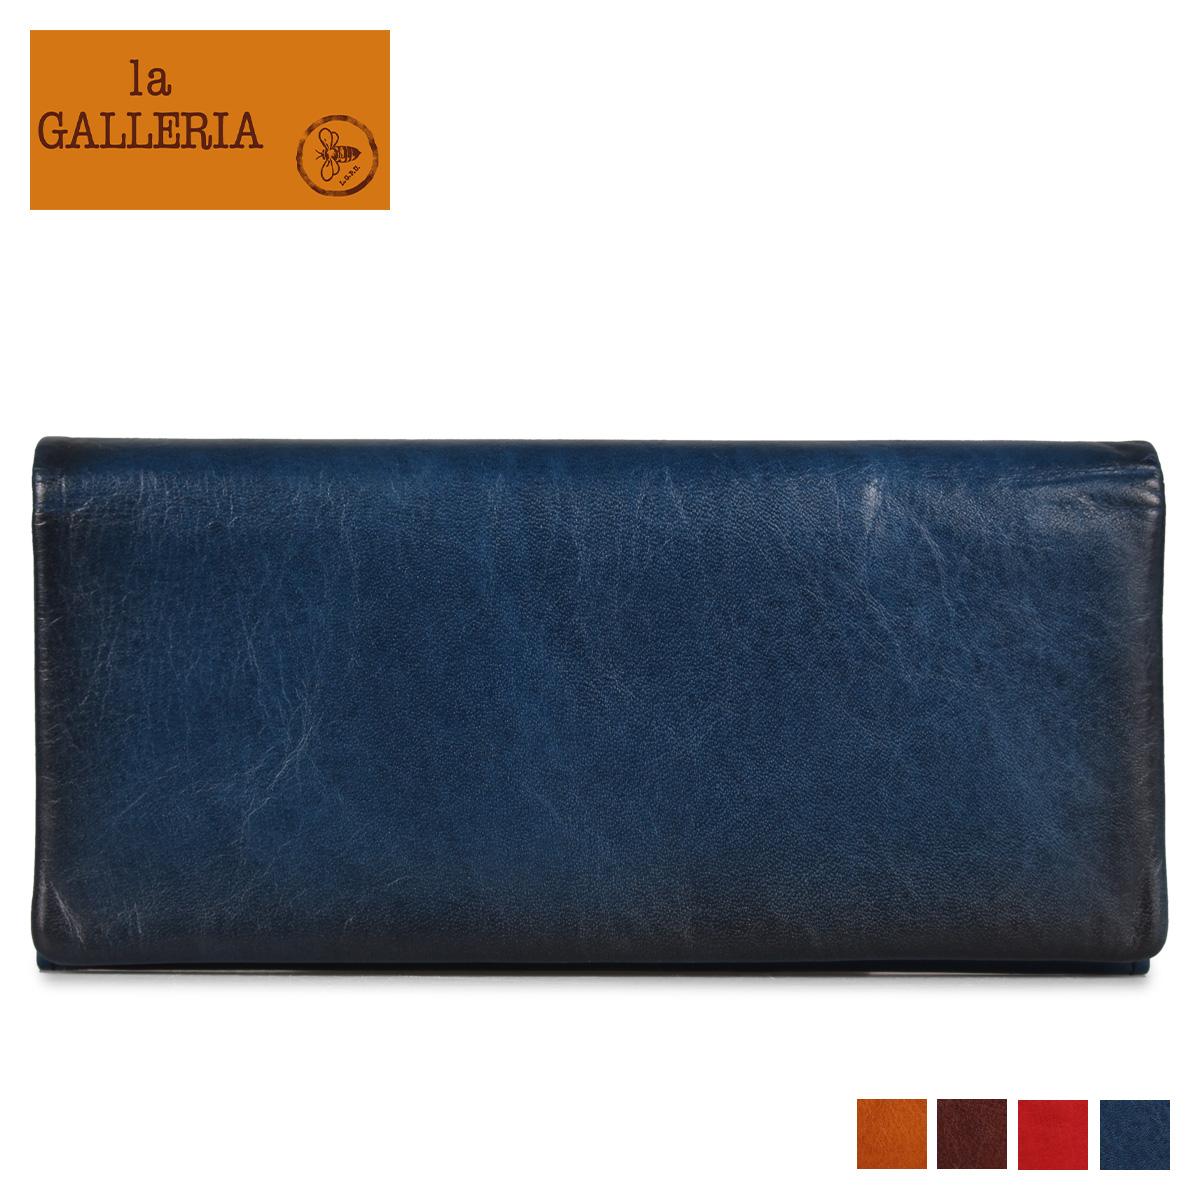 ラ ガレリア la GALLERIA 財布 長財布 メンズ 青木鞄 本革 ARROSTO LONG WALLET キャメル チョコ レッド ダーク ブルー 2974